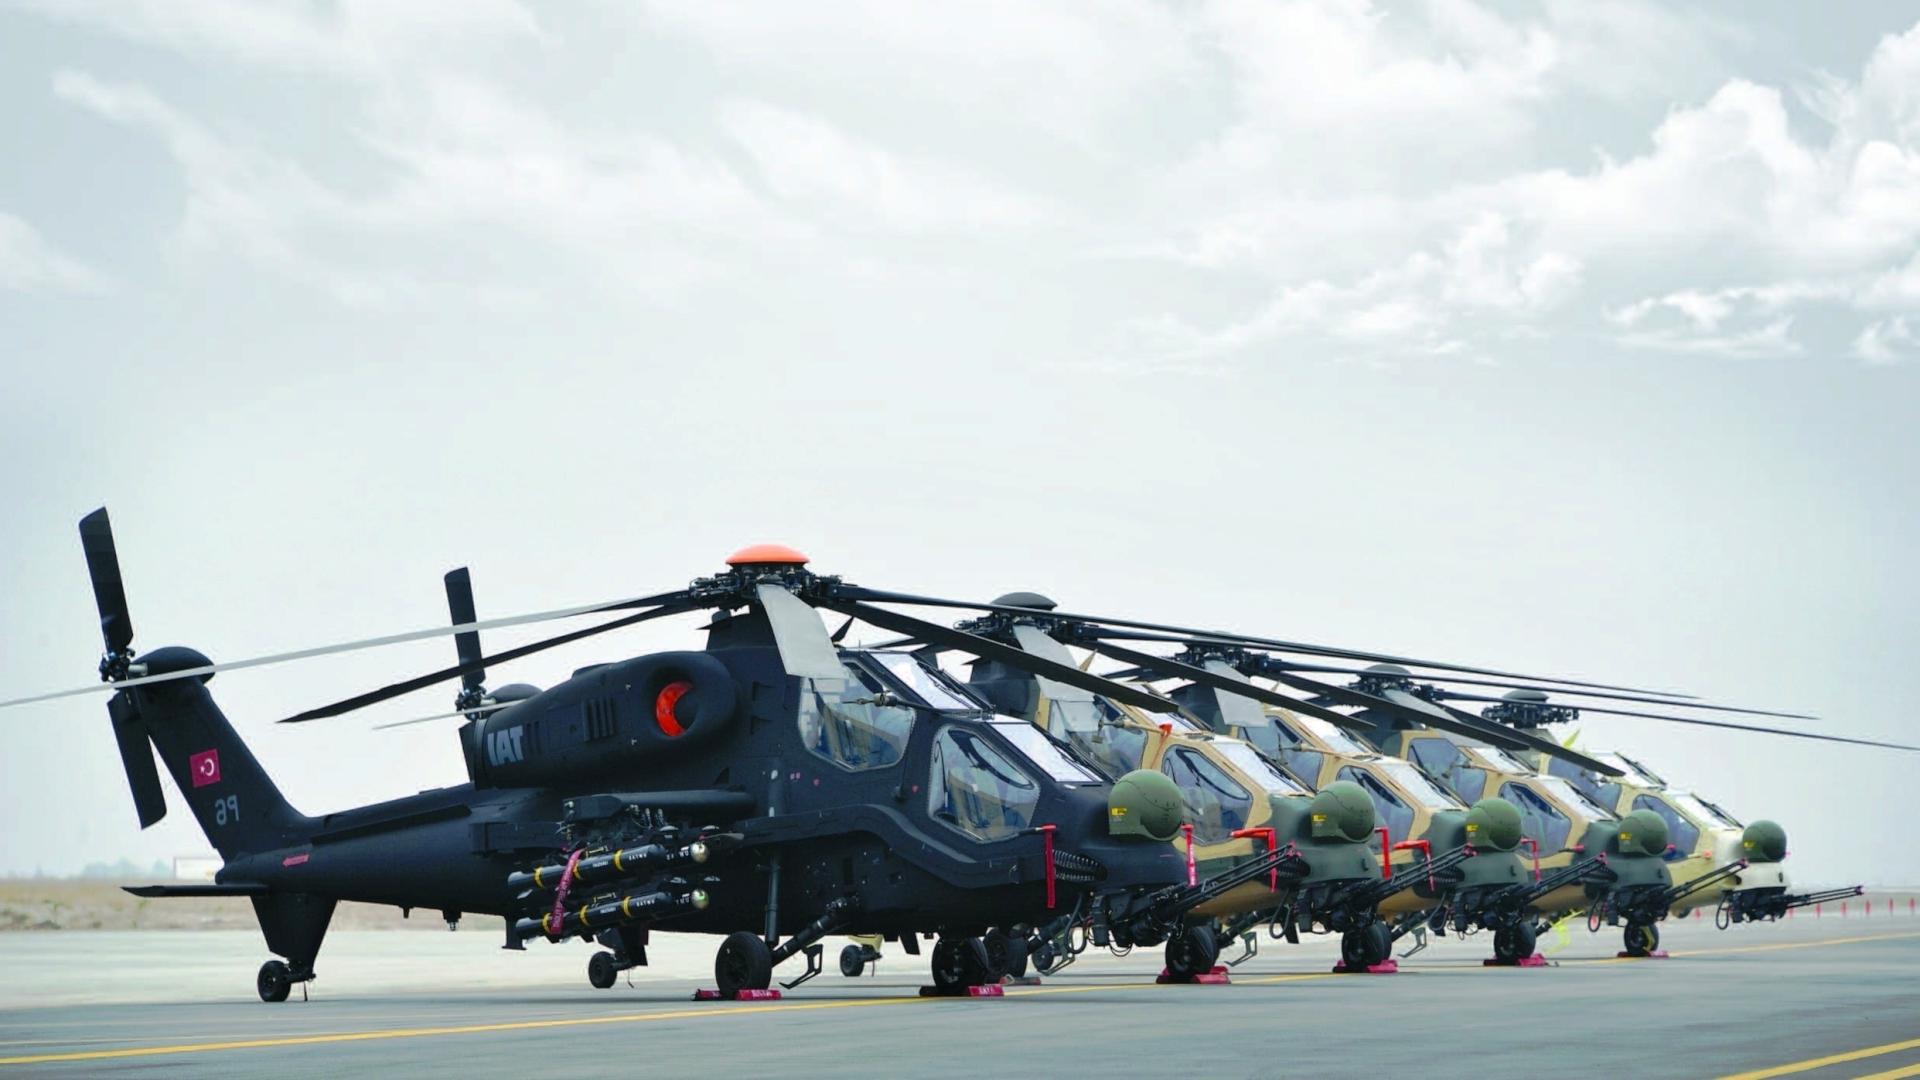 Elicottero T 129 : Sfondi : 1920x1080 px aereo elicotteri militare aerei militari